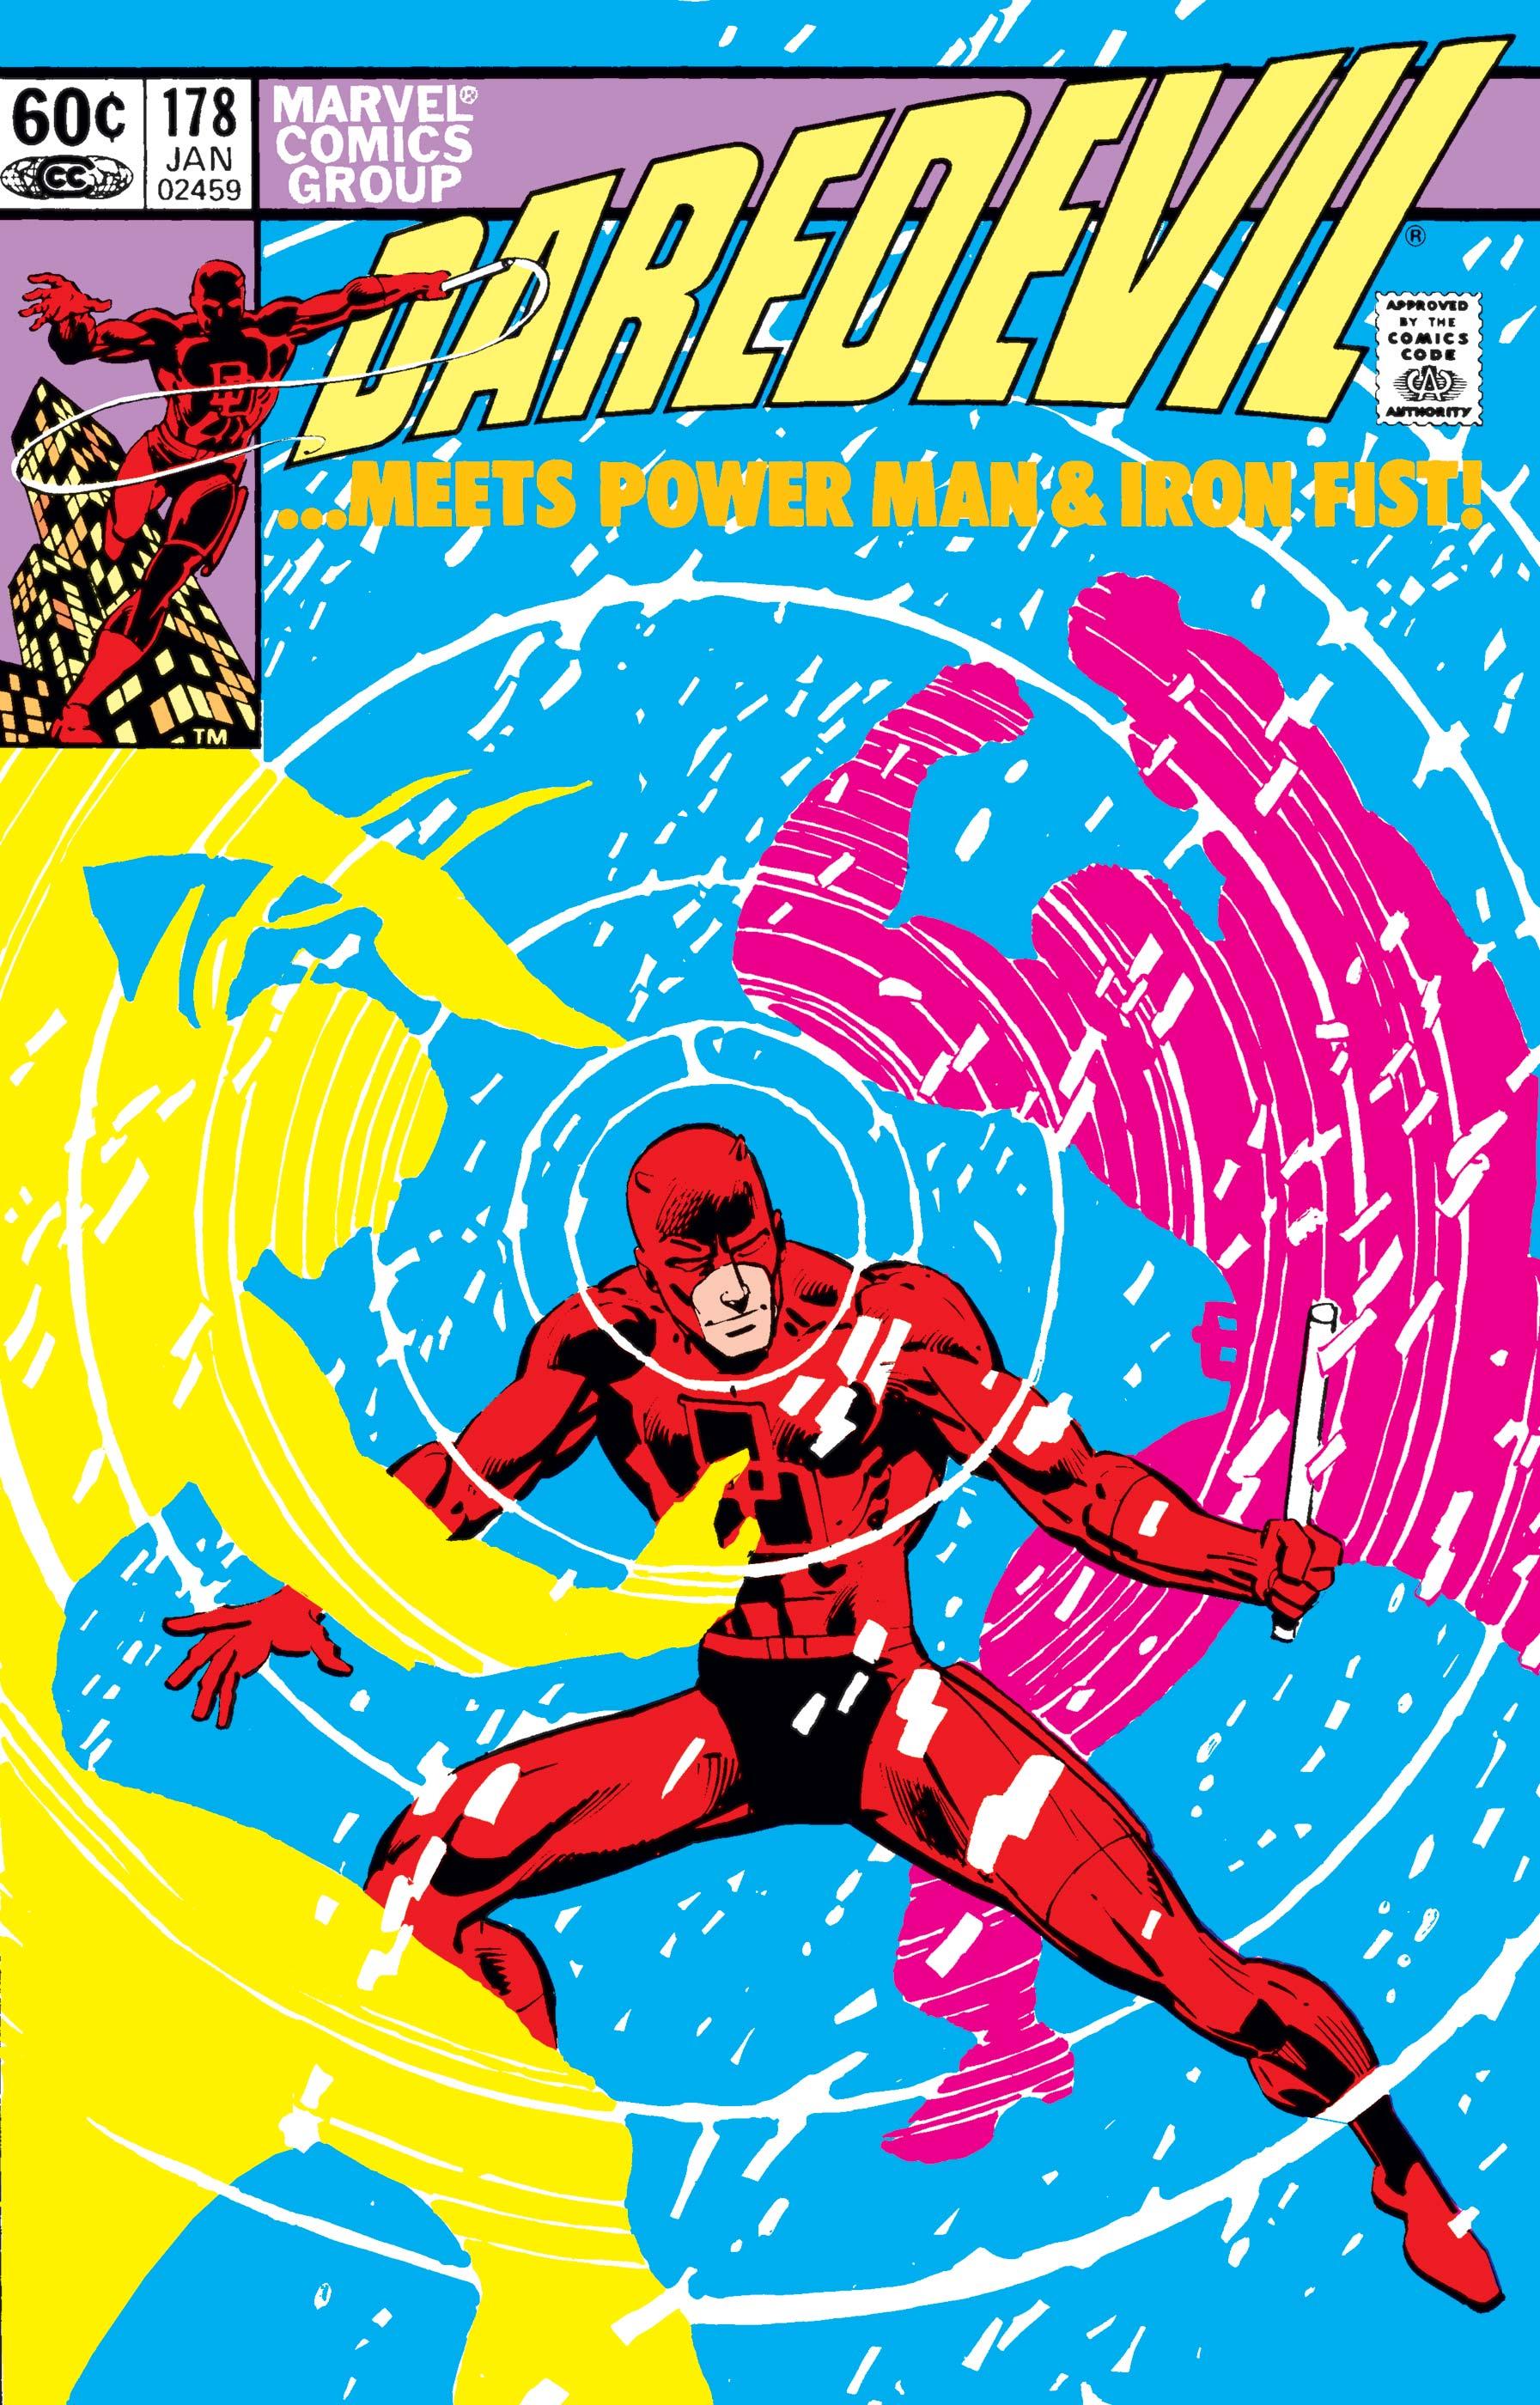 Daredevil (1964) #178